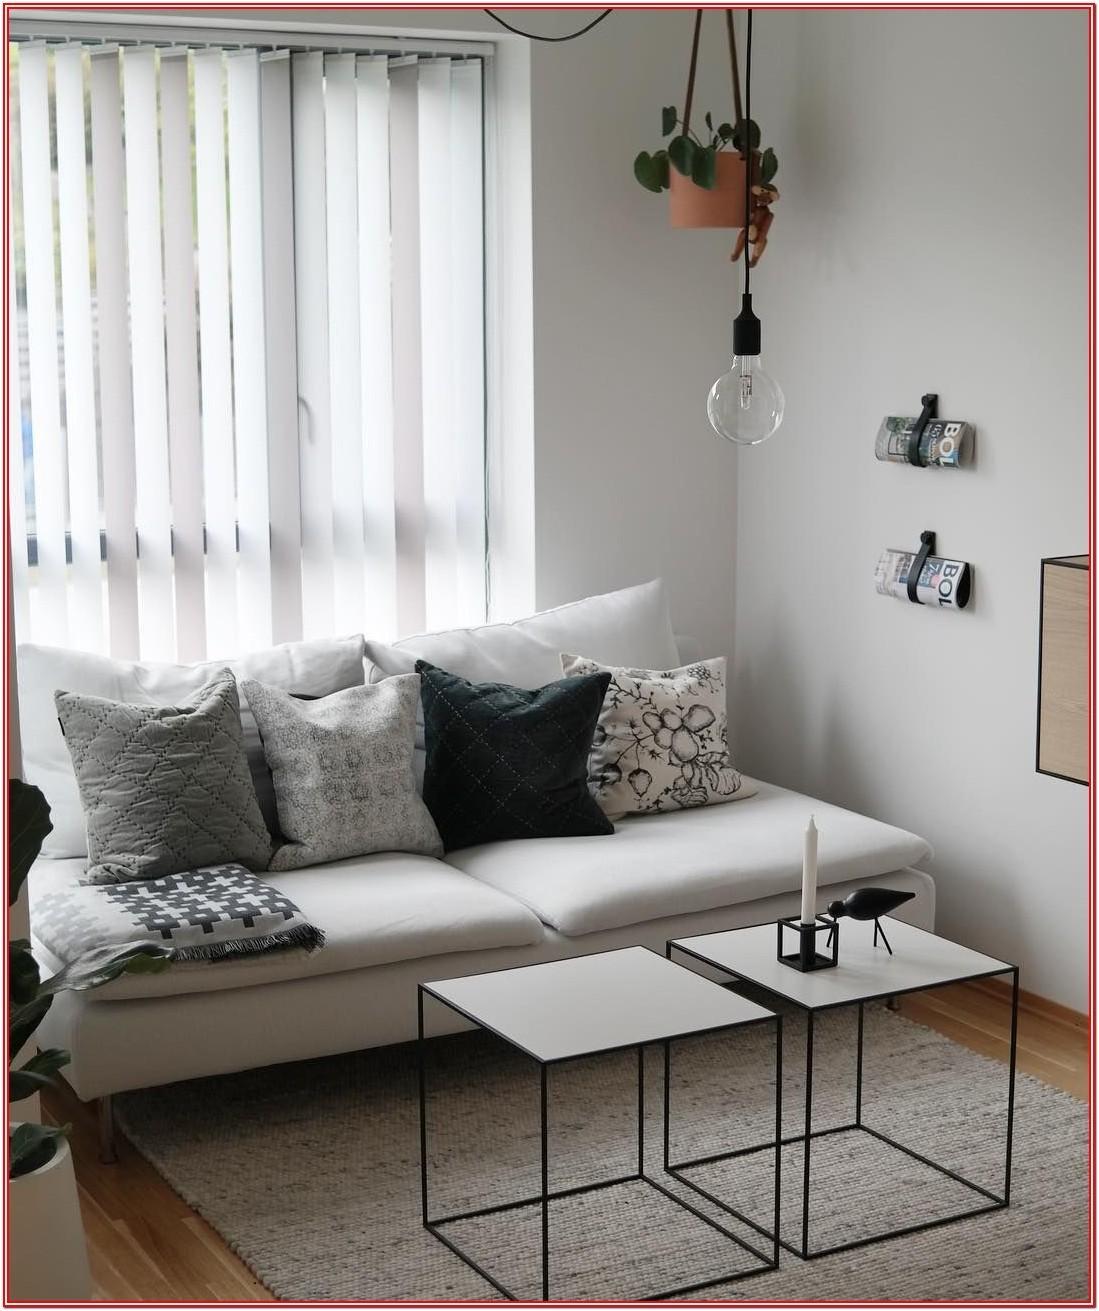 Living Room Idea With Ikea